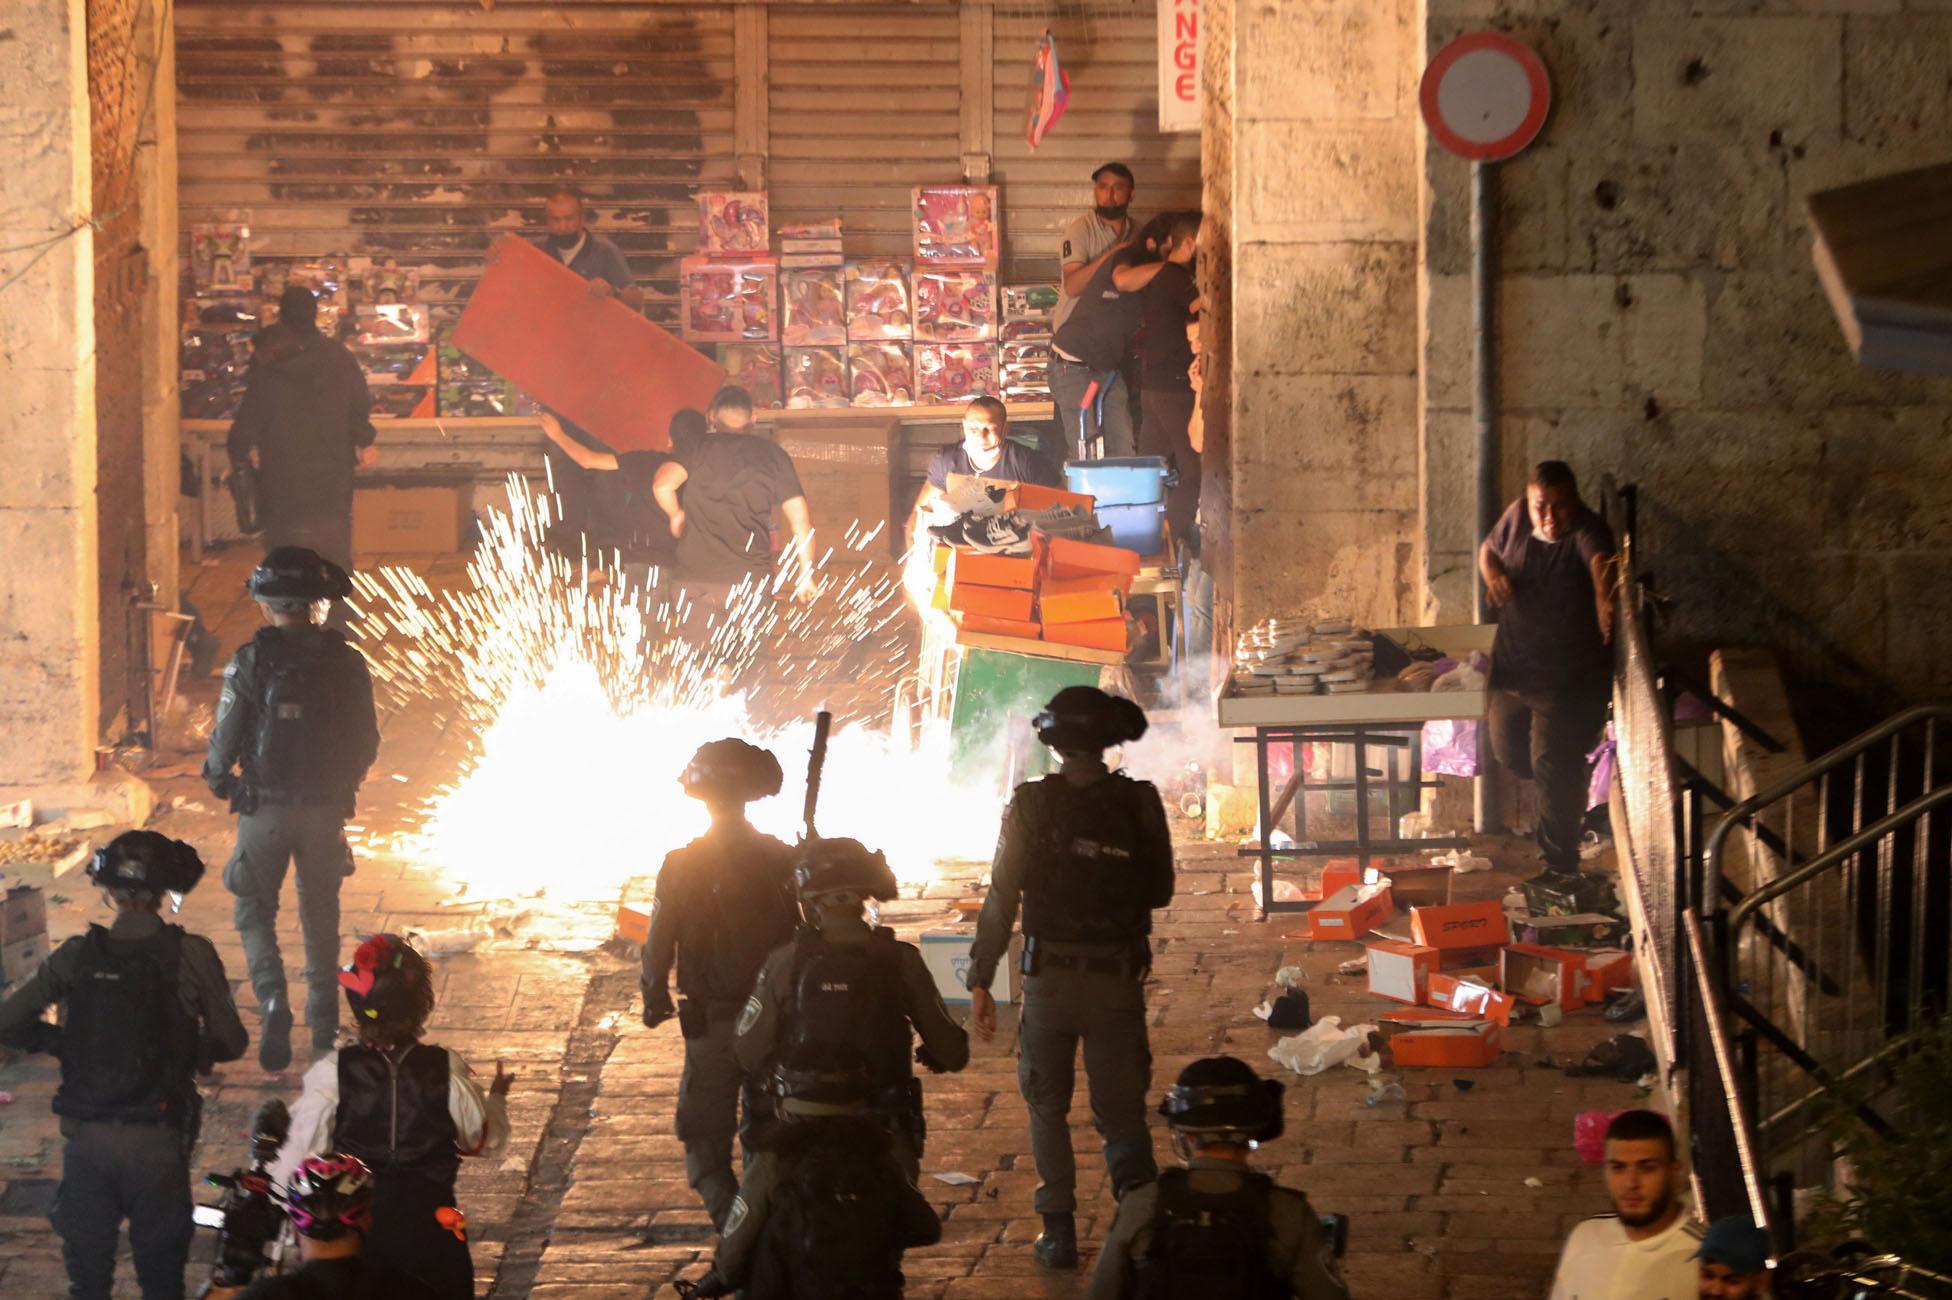 Ισραήλ: Πάνω από 90 τραυματίες σε συγκρούσεις στην Ιερουσαλήμ